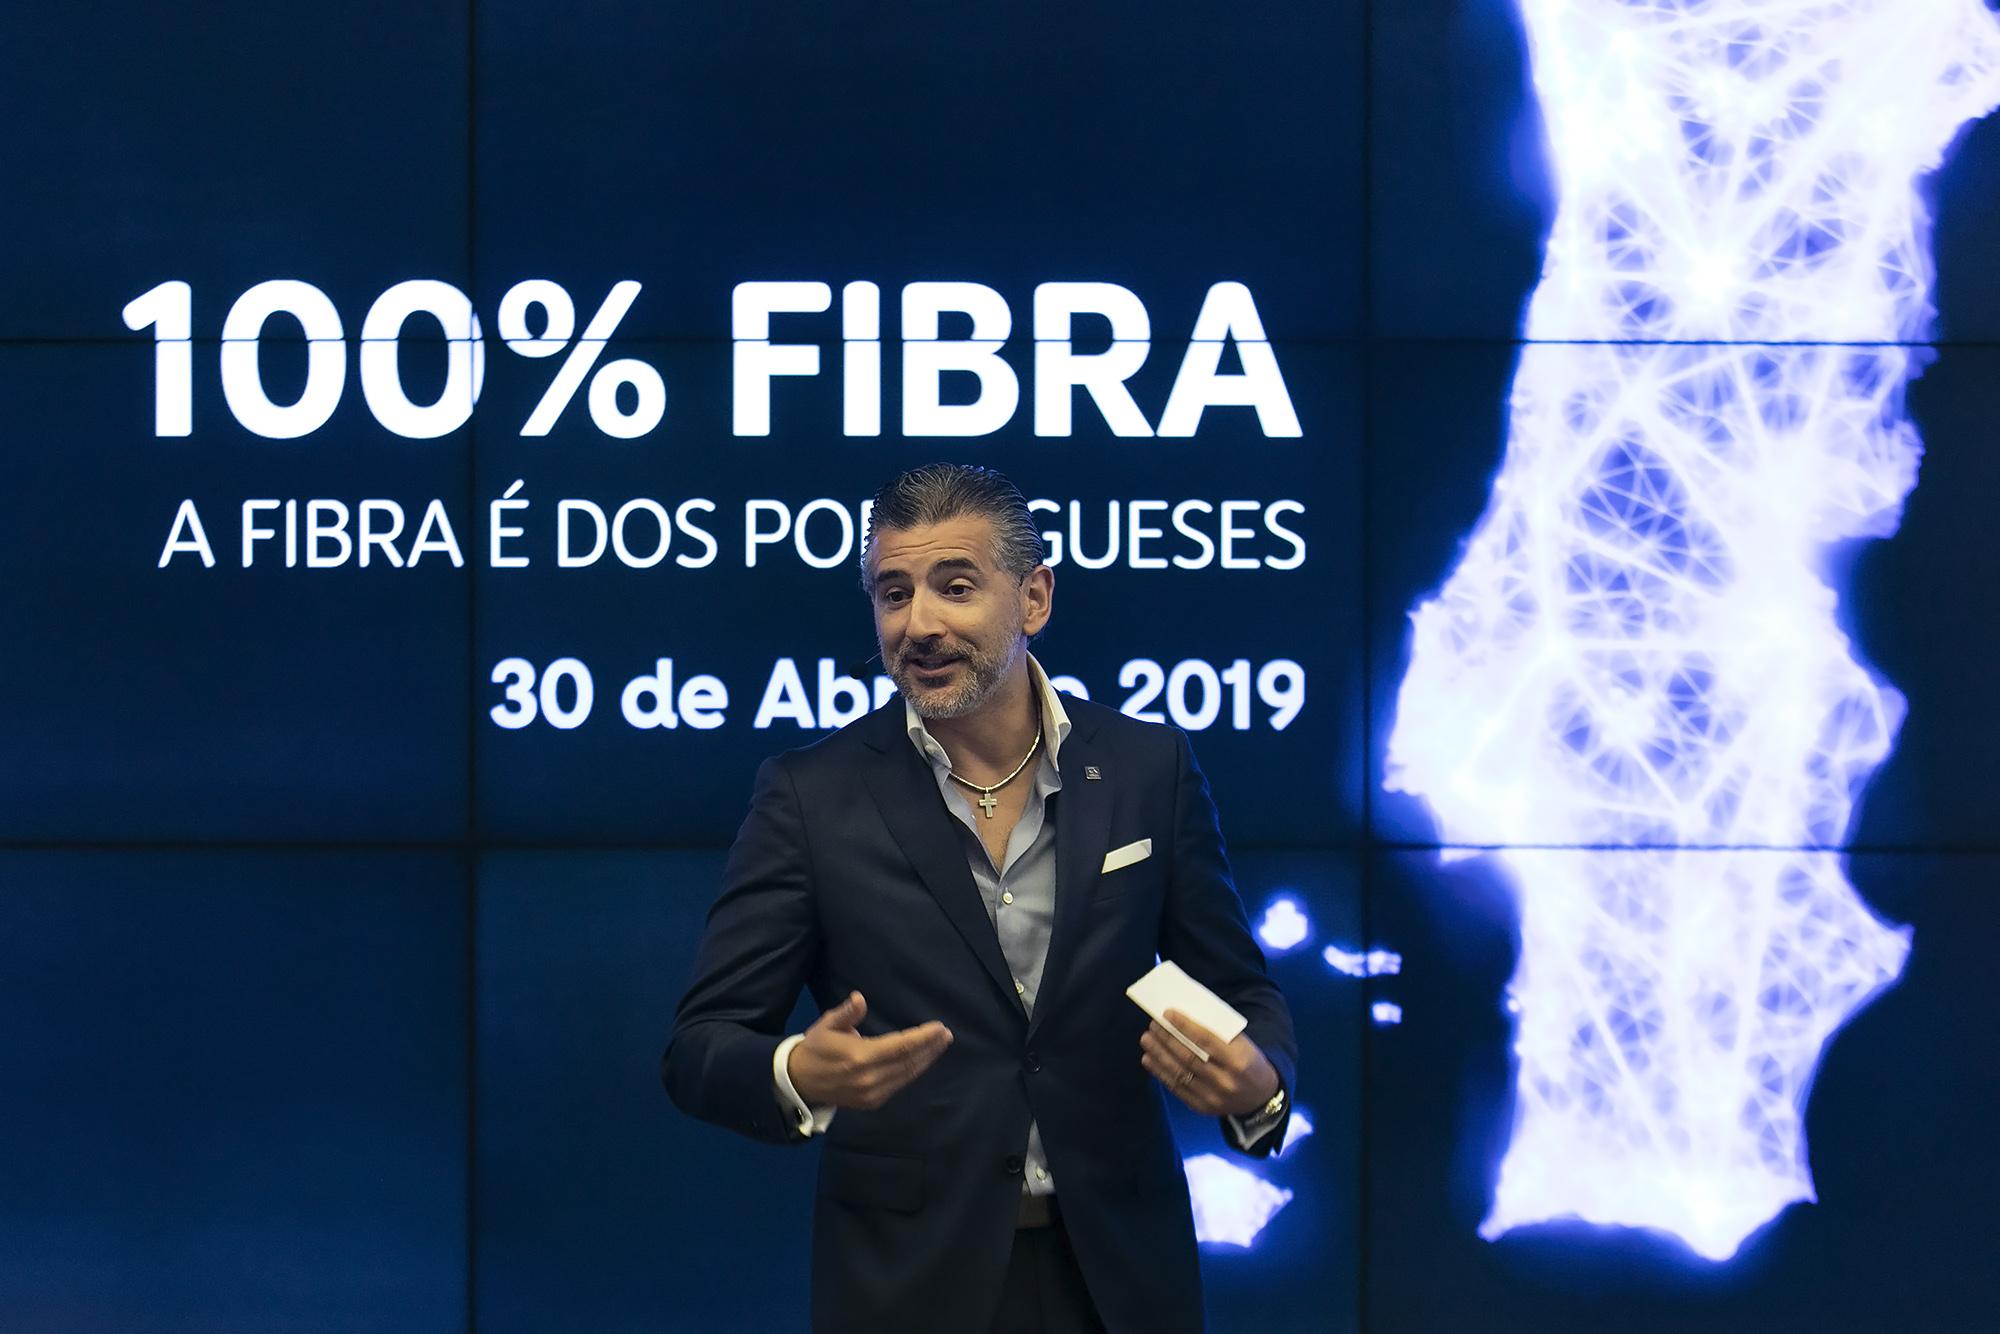 """Altice apresenta """"100% Fibra"""" - 30ABR19"""